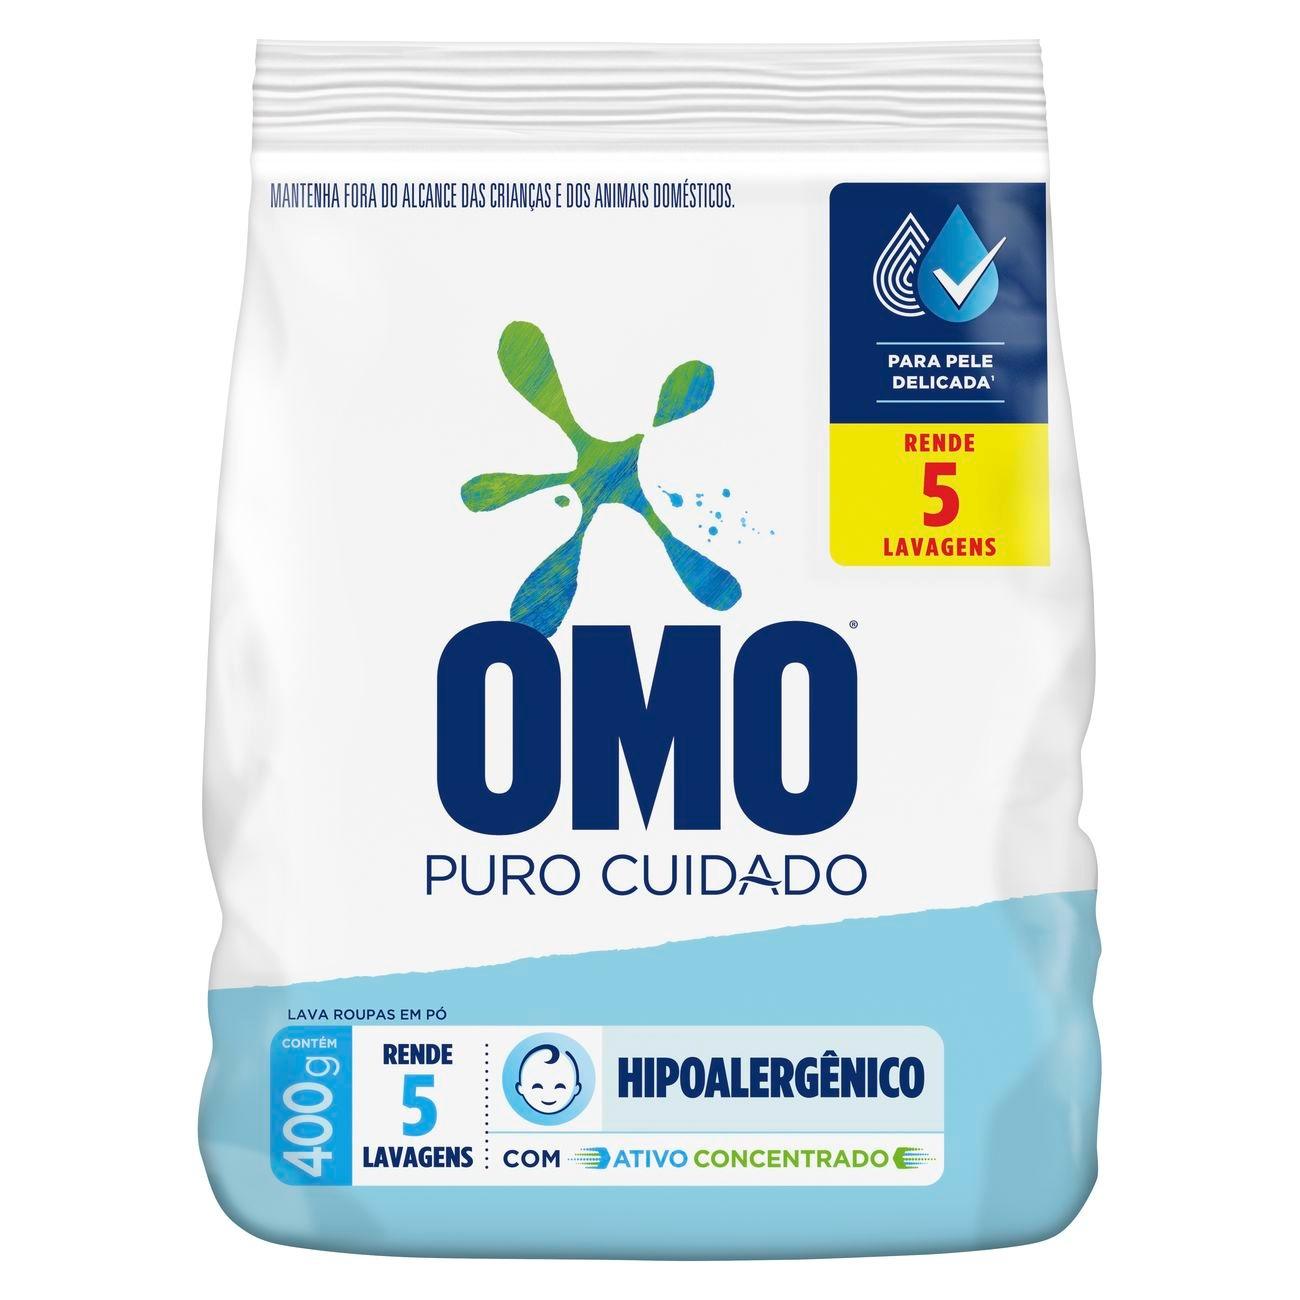 OMO PO PURO CUIDADO BAG 1X400GR (27)